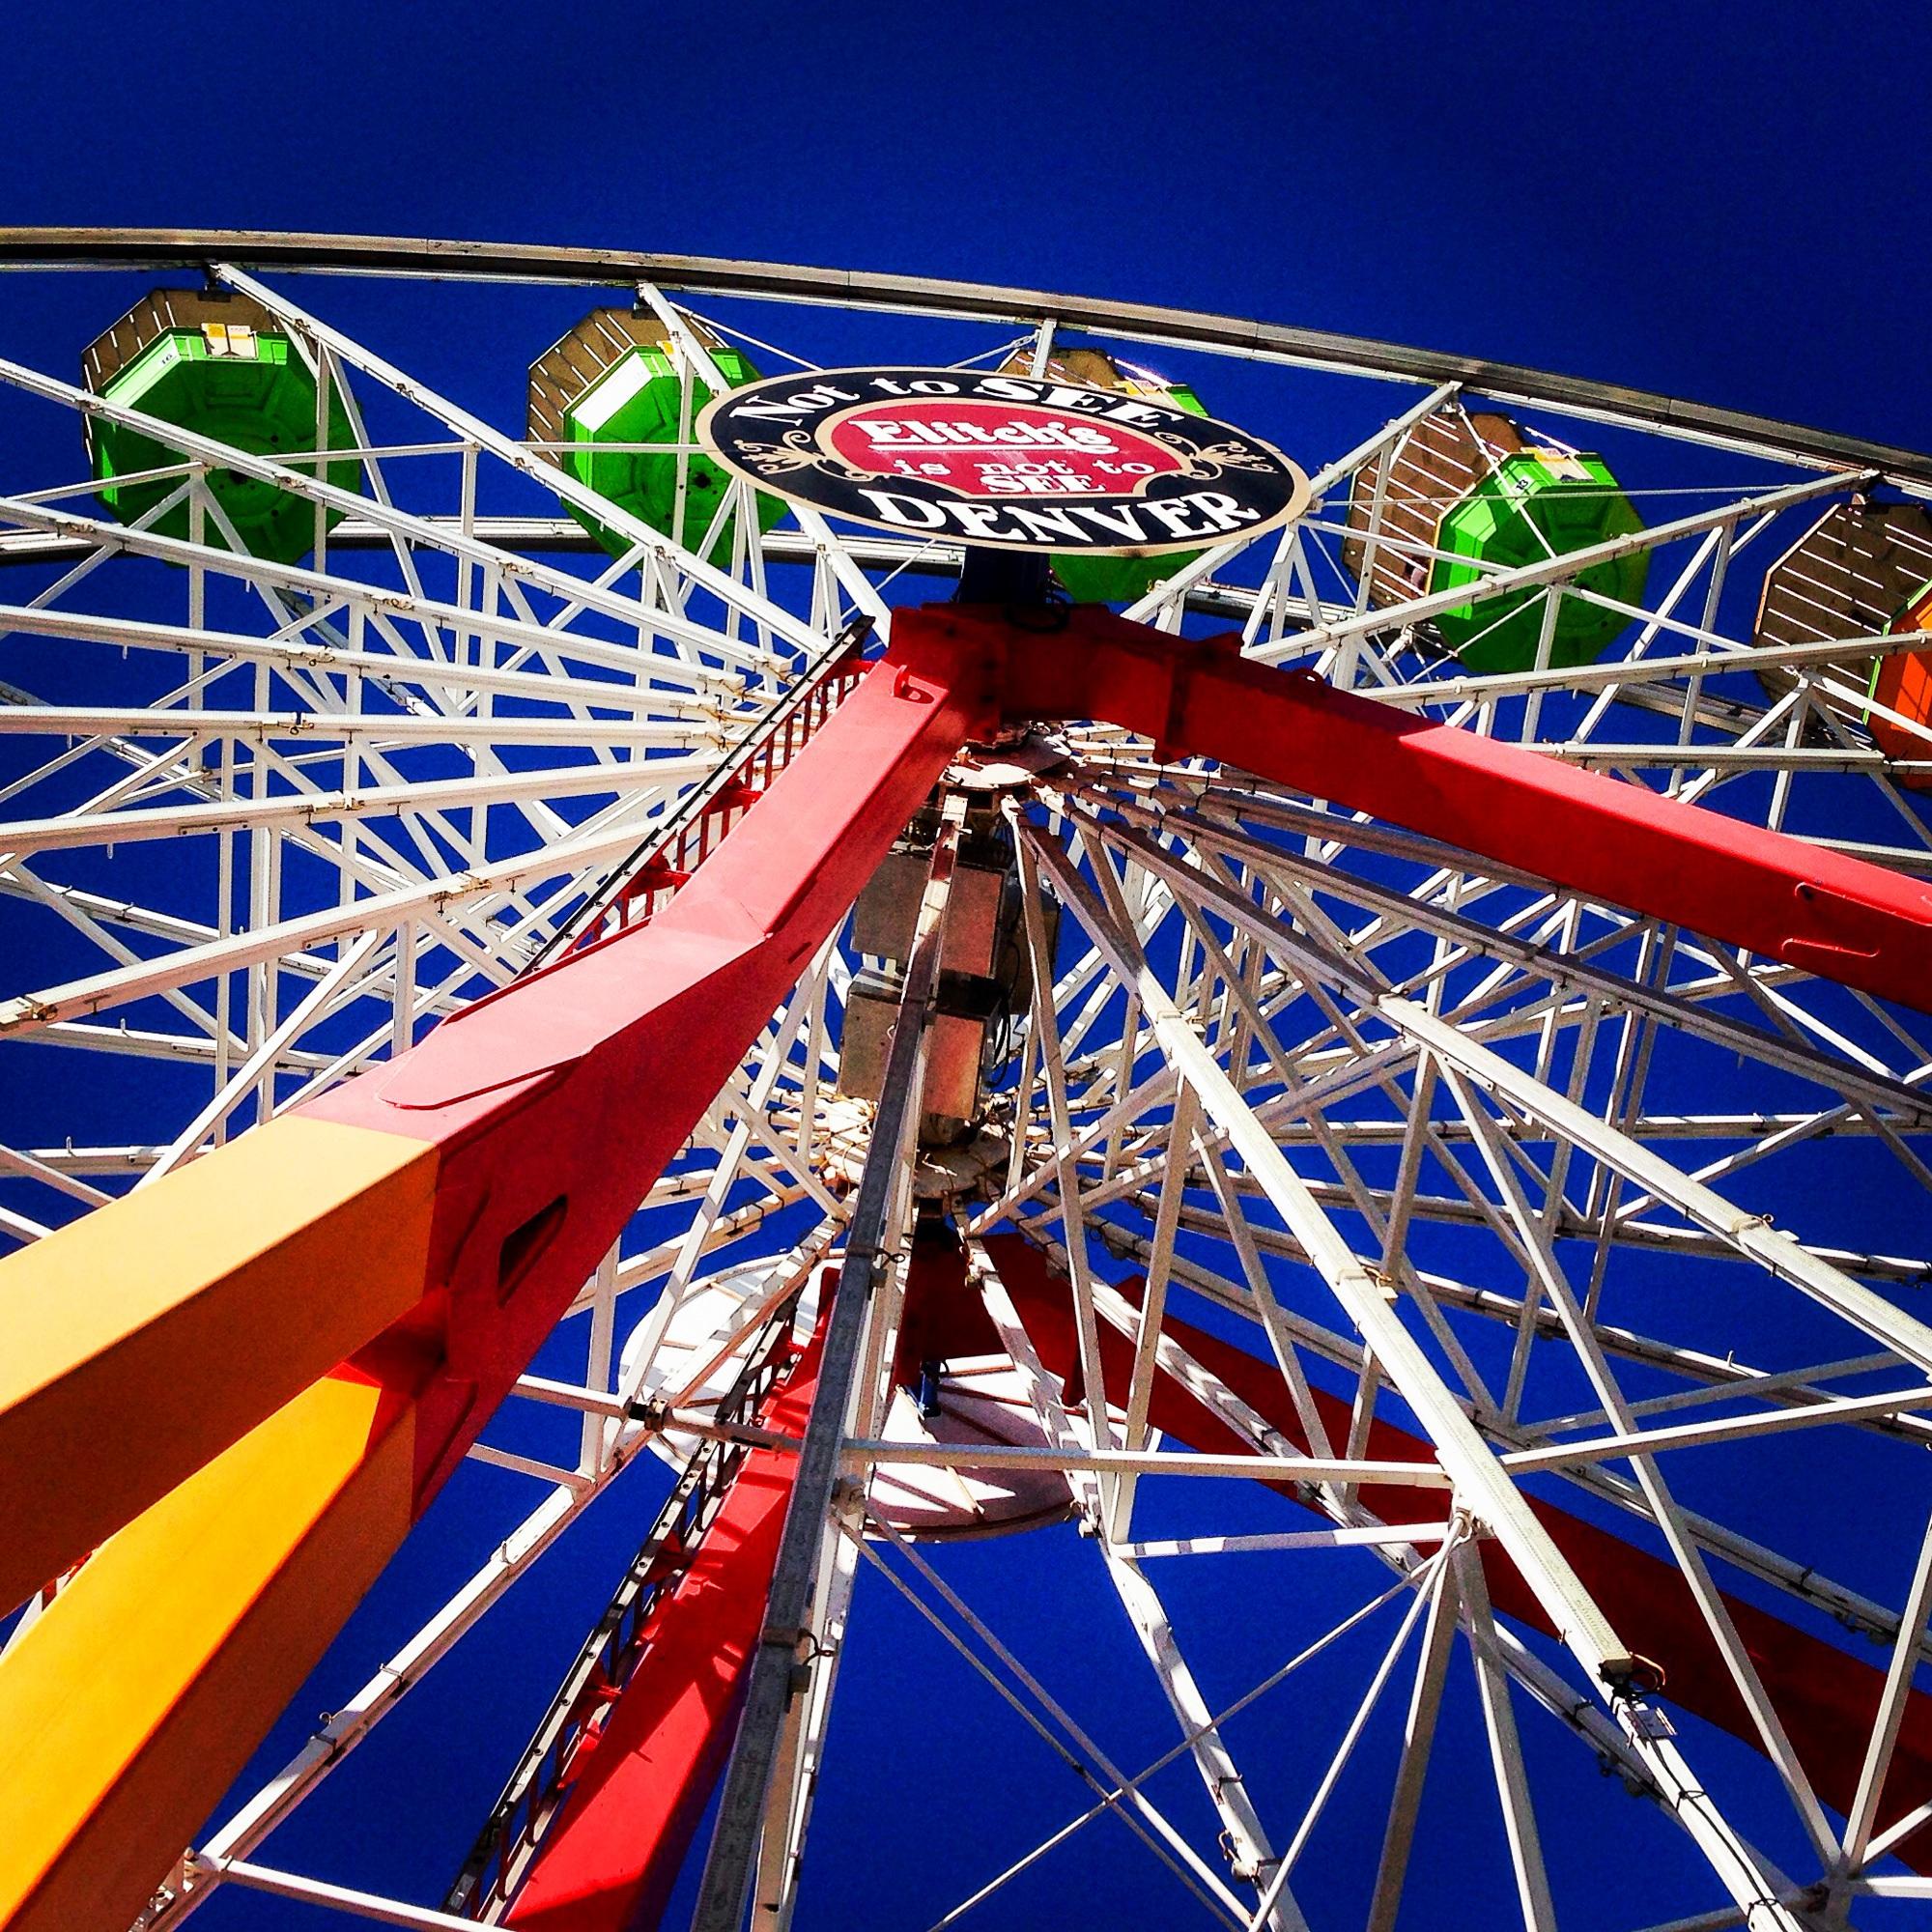 Ferris wheel at Elitch Gardens